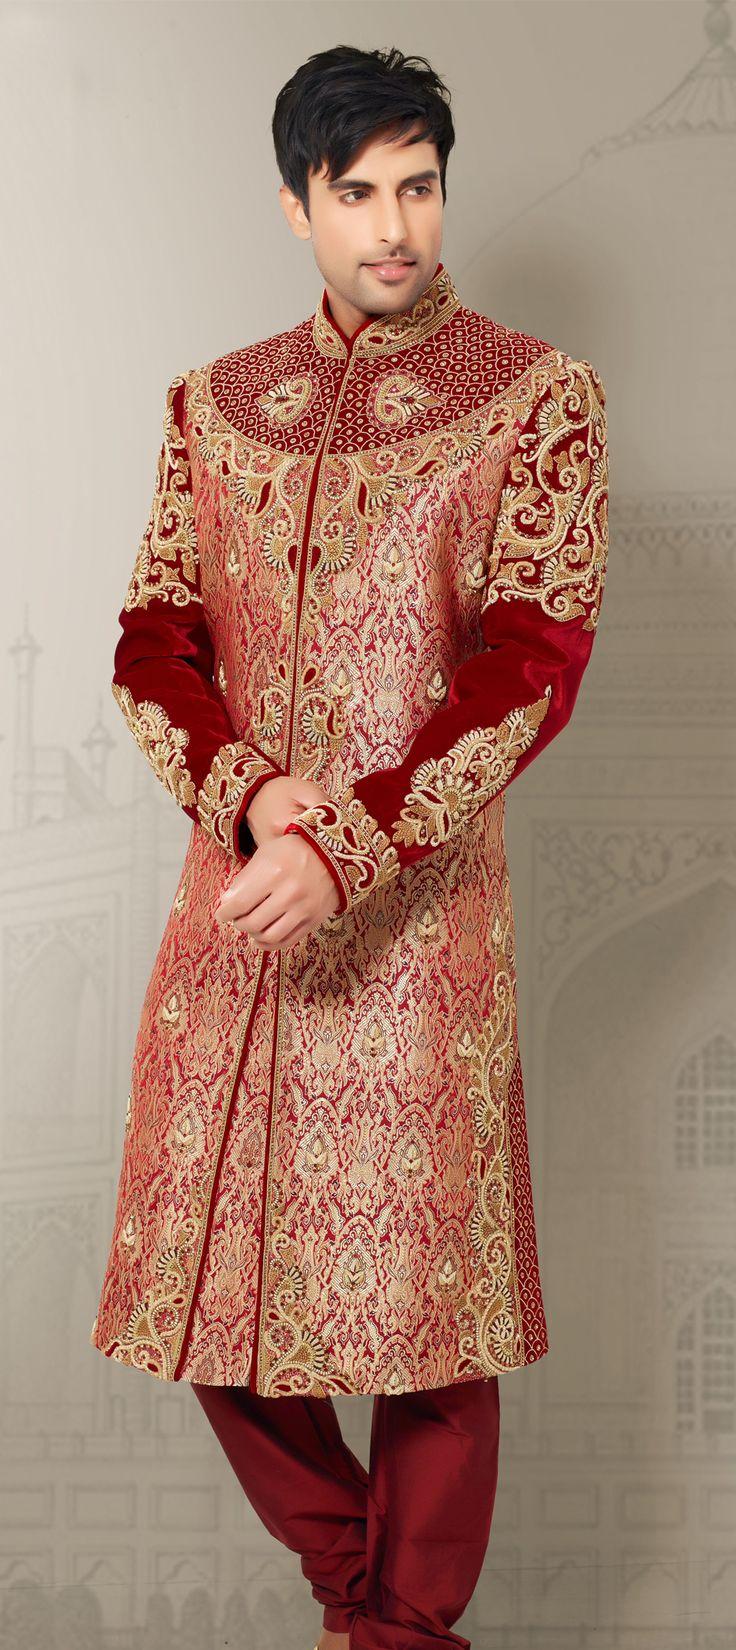 Pakistani designer sherwanis east london indian wedding sherwanis